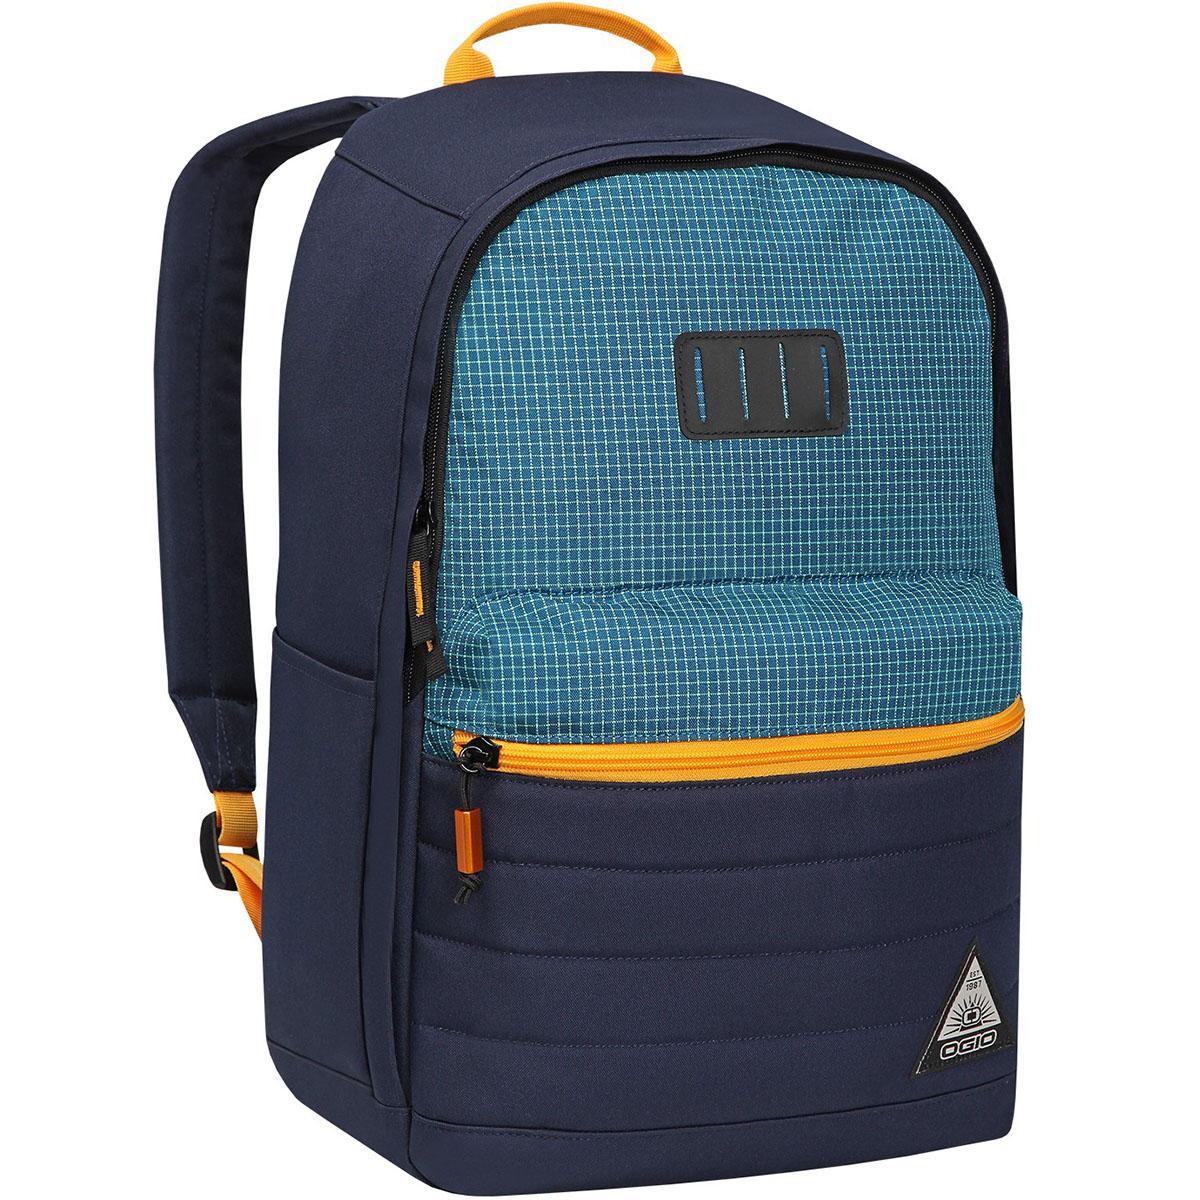 Рюкзак городской OGIO Urban. Lewis Pack (A/S), цвет: синий, желтый. 031652226951RivaCase 7560 redРюкзак OGIO Urban. Lewis Pack (A/S) разработан для ярких и модных людей! Он позволит вам взять с собой все необходимое.Рюкзак OGIO Urban. Lewis Pack (A/S) компактный, но при этом достаточно вместительный. Имеется специализированный отсек для ноутбука, а также уплотненный карман для ценных вещей на молнии. Внешний передний и боковой карманы на вертикальной молнии обеспечивают быстрый доступ к содержимому, позволяя всегда держать необходимые аксессуары и документы поблизости.OGIO - высокотехнологичный продукт от американского производителя. Вместимые сумки для путешествий, работы и отдыха, специальная коллекция городских сумок для женщин, жесткие боксы под мелкий инвентарь и многое другое.